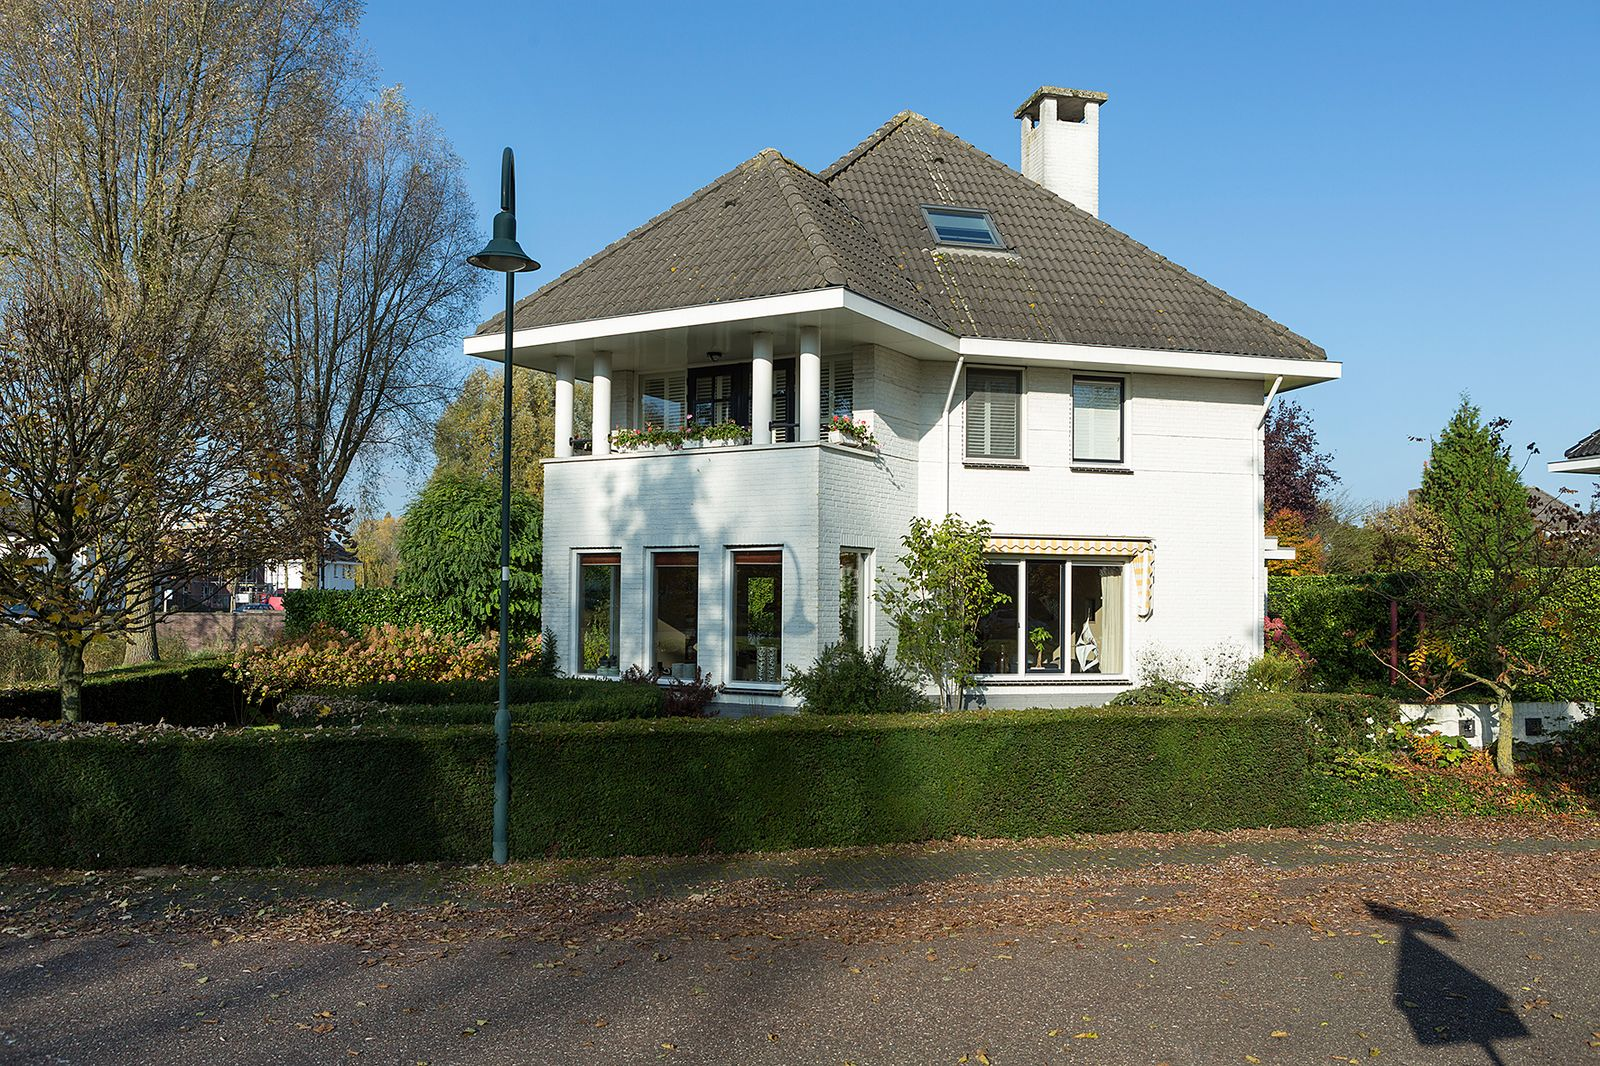 Mosbloemsingel 1, Helmond